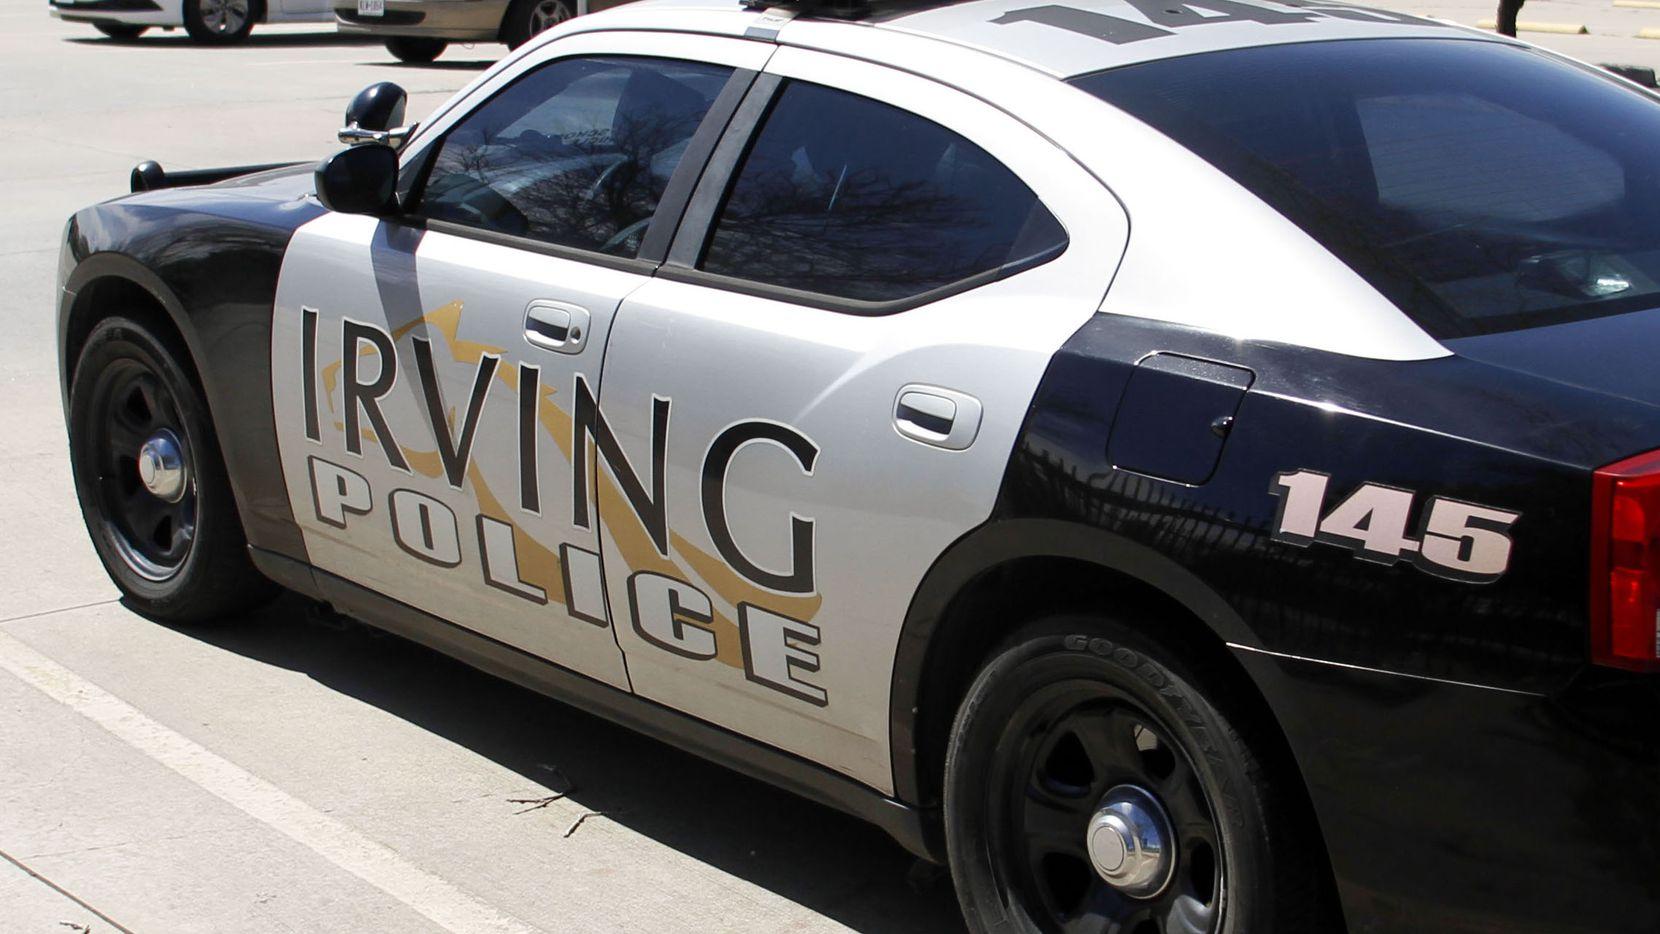 Una patrulla de la Policía de Irving, Texas.